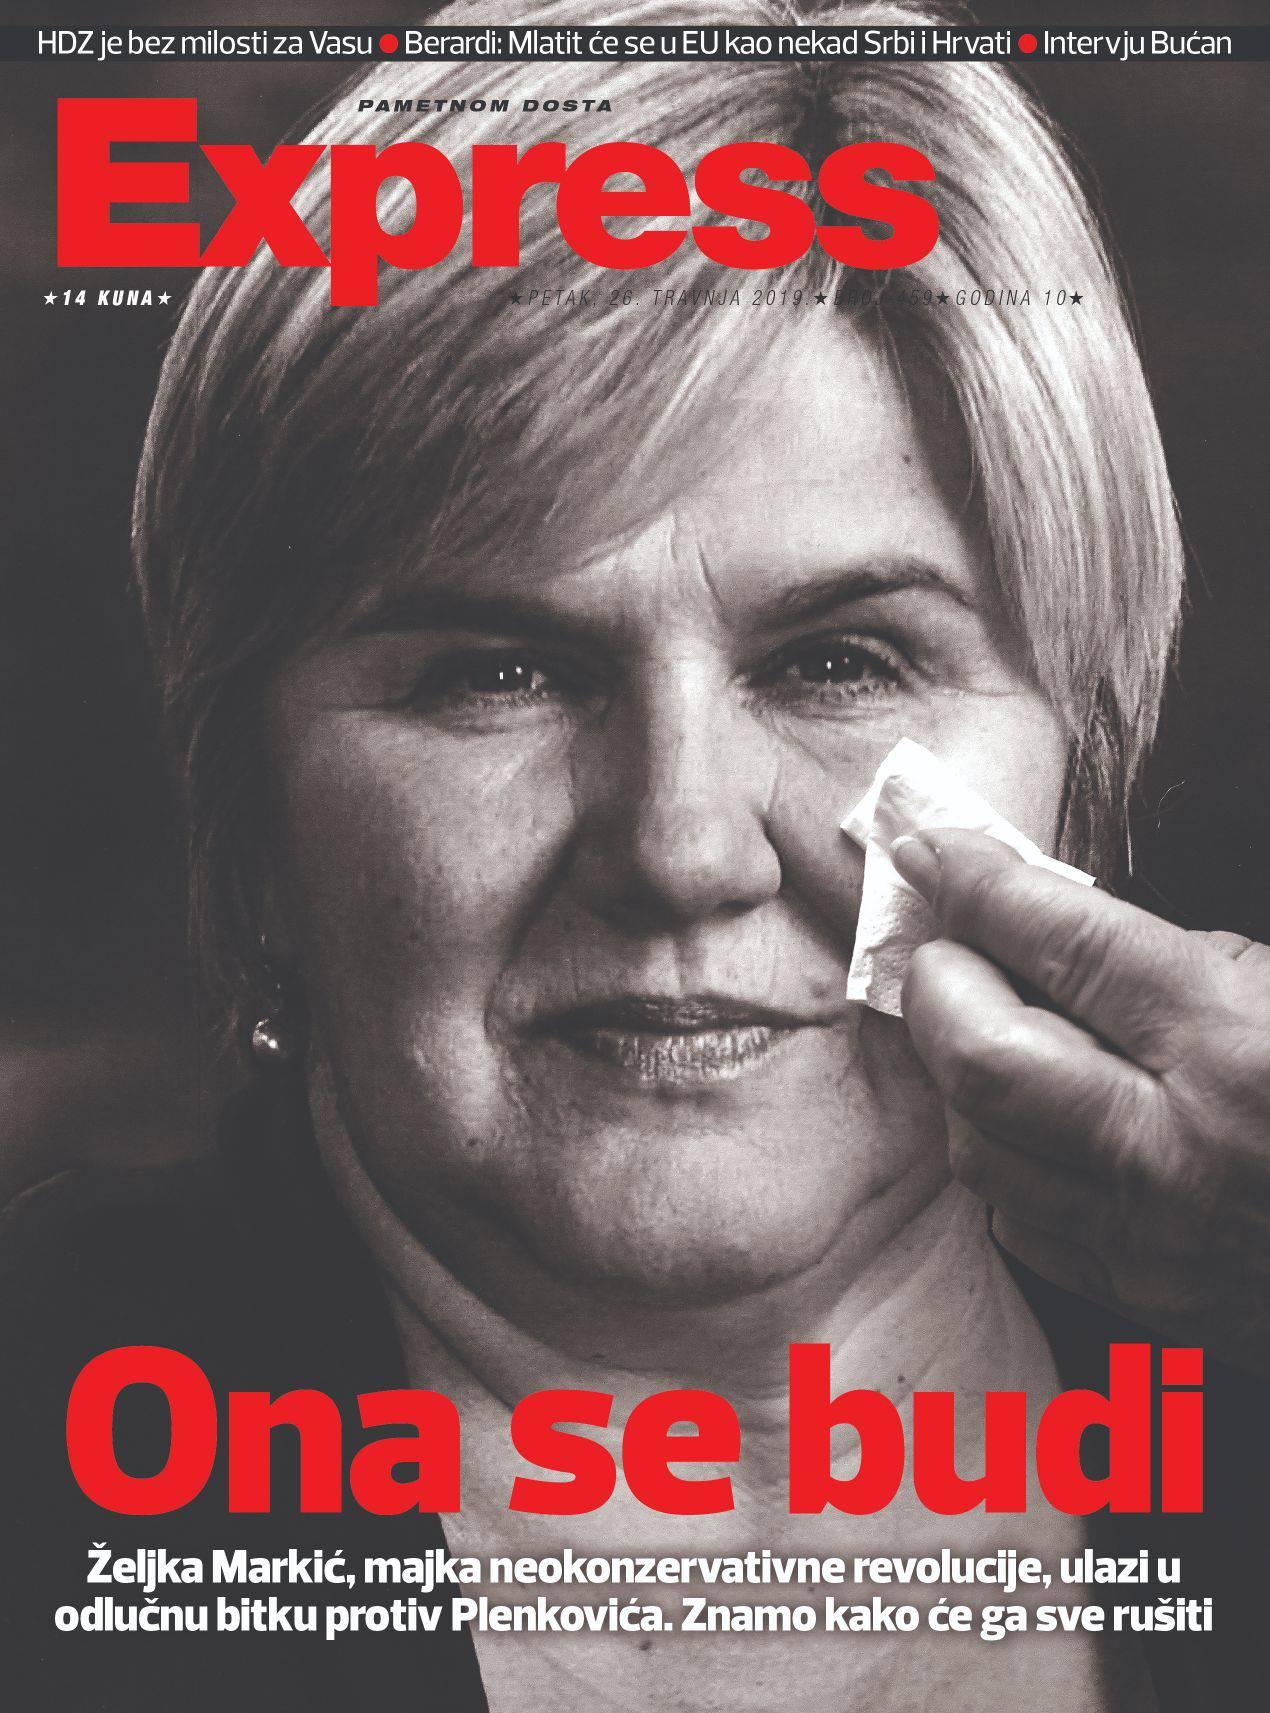 Željka Markić opet na ulicama: Sad će trčati počasni krug...